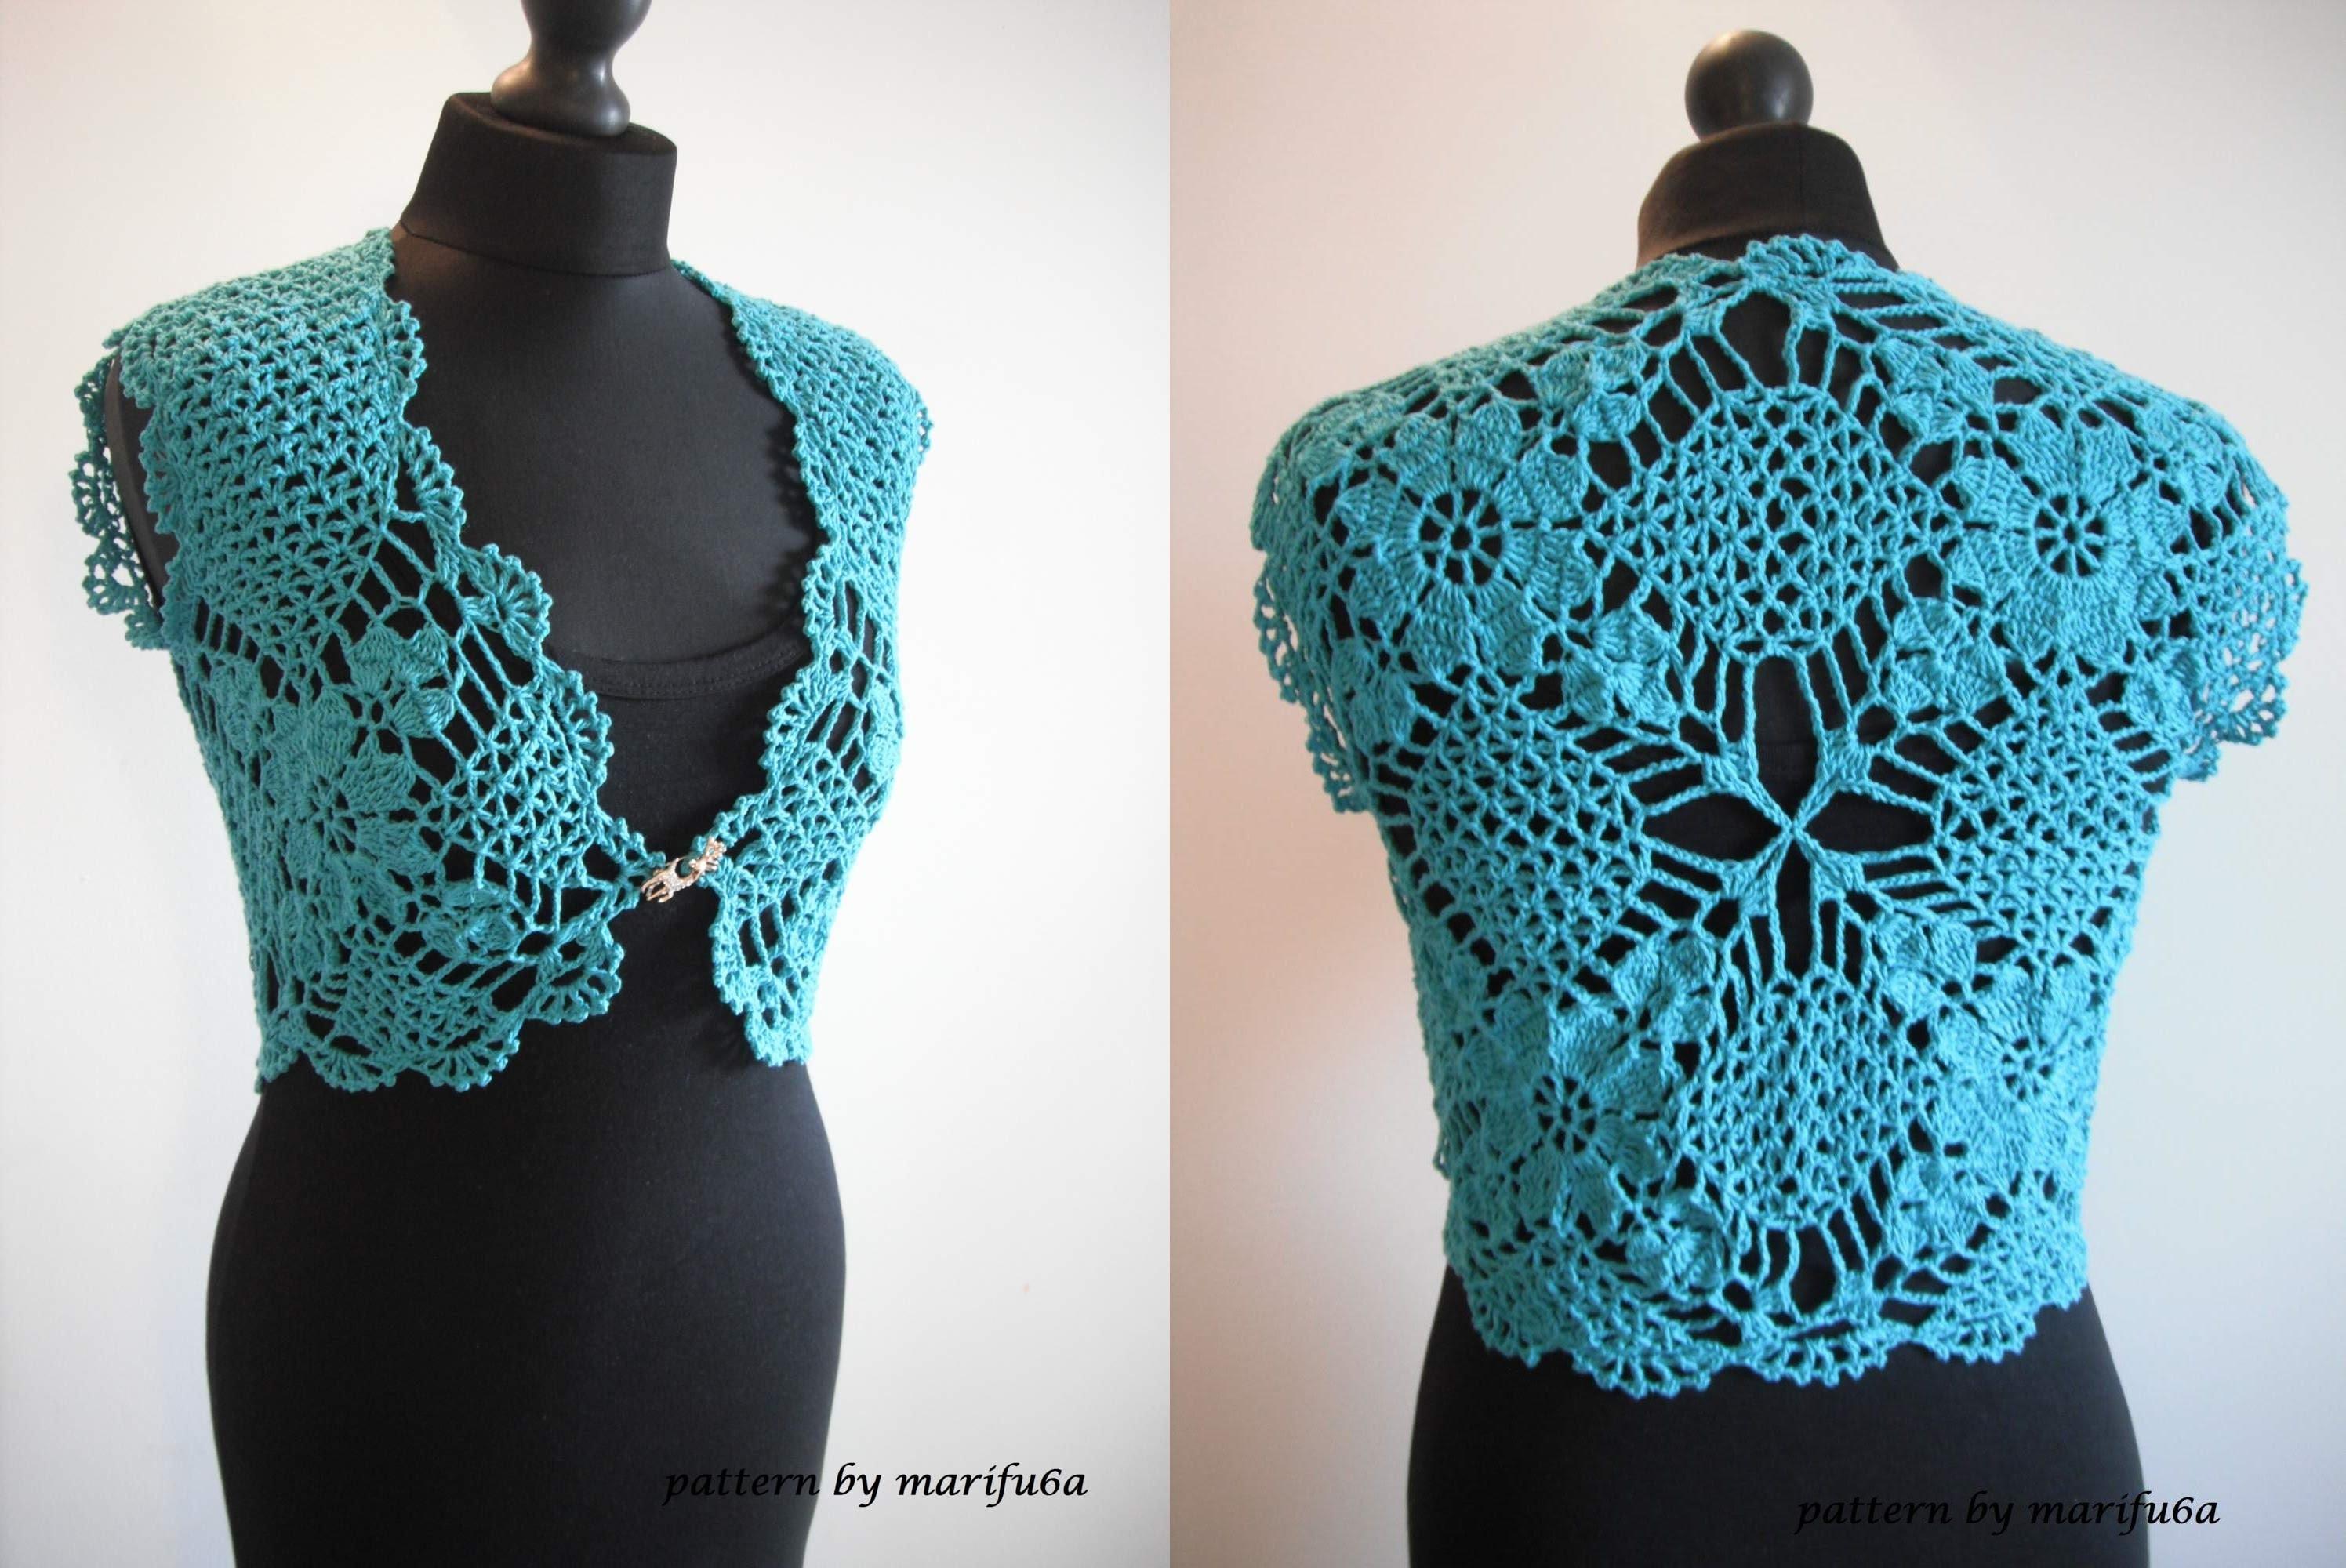 crochet bolero how to crochet mint bolero shrug chaleco free pattern tutorial by marifu6a kfwauef